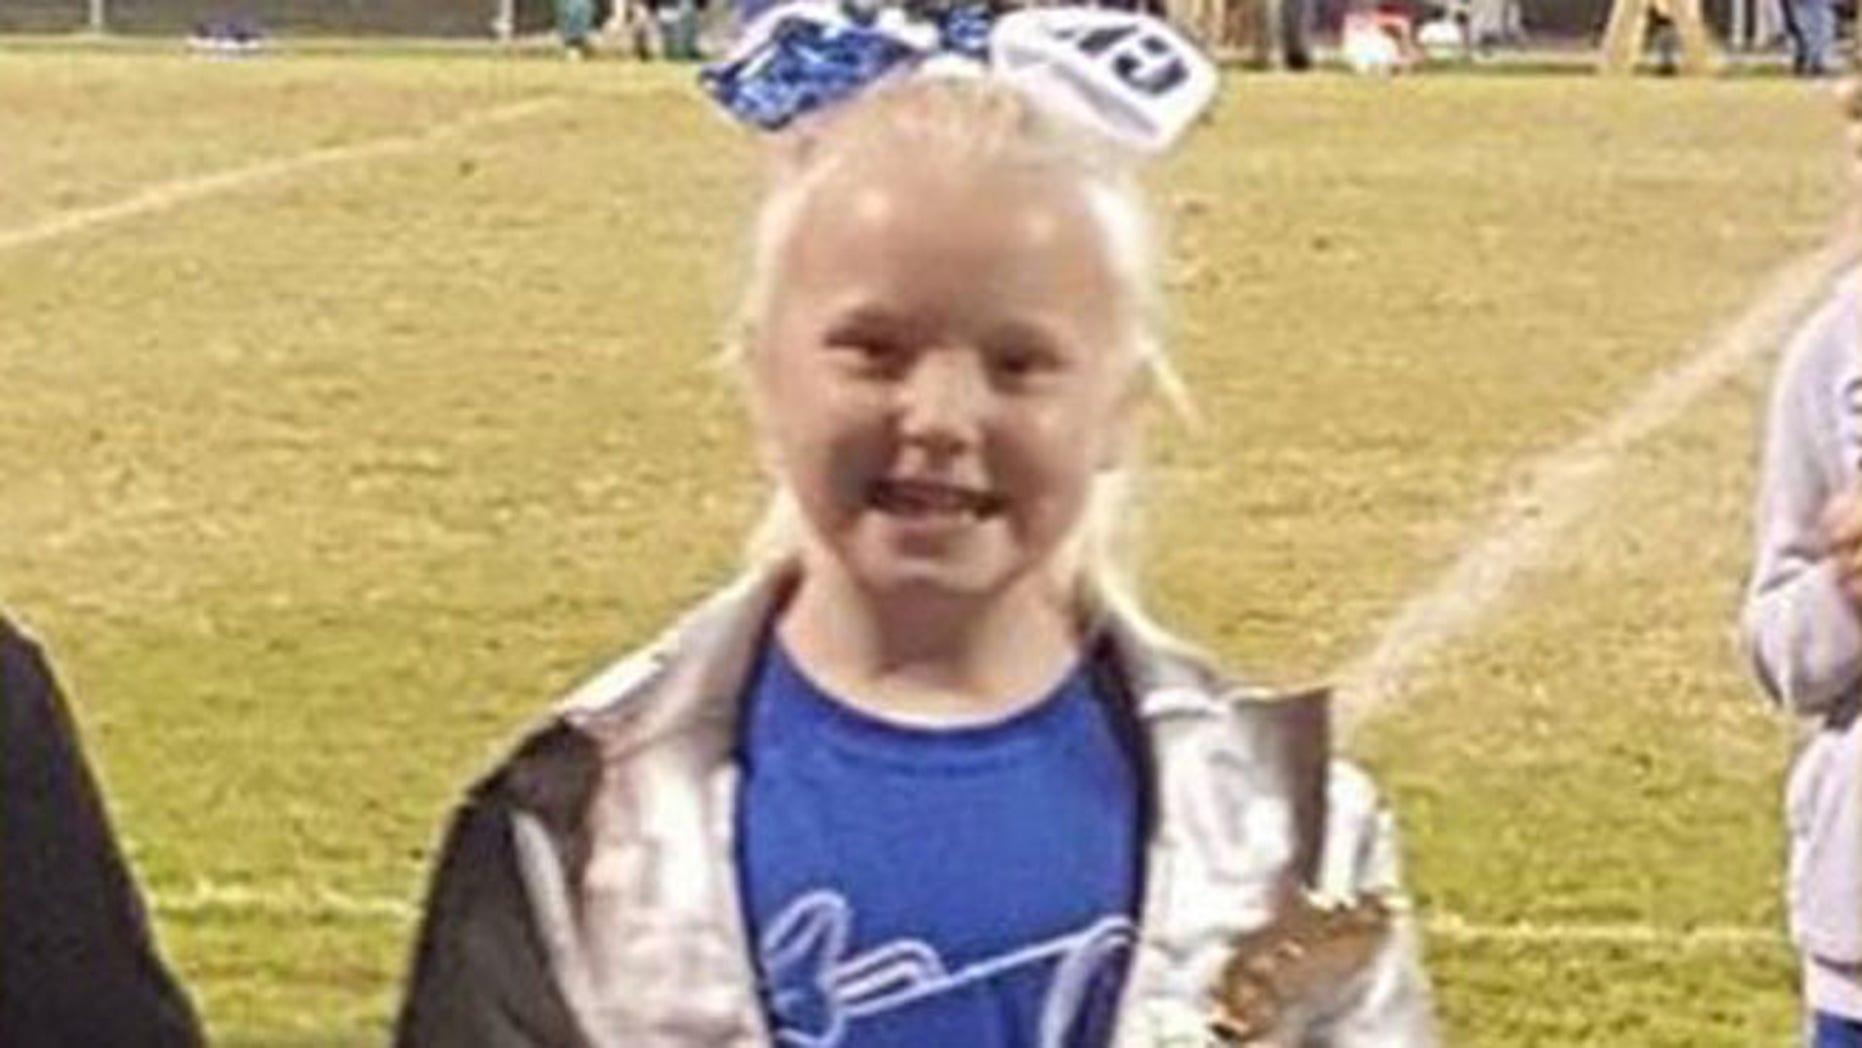 Gabriella Doolin,  7. of Allen County, Kentucky. (WBKO-TV courtesy of Doolin family)